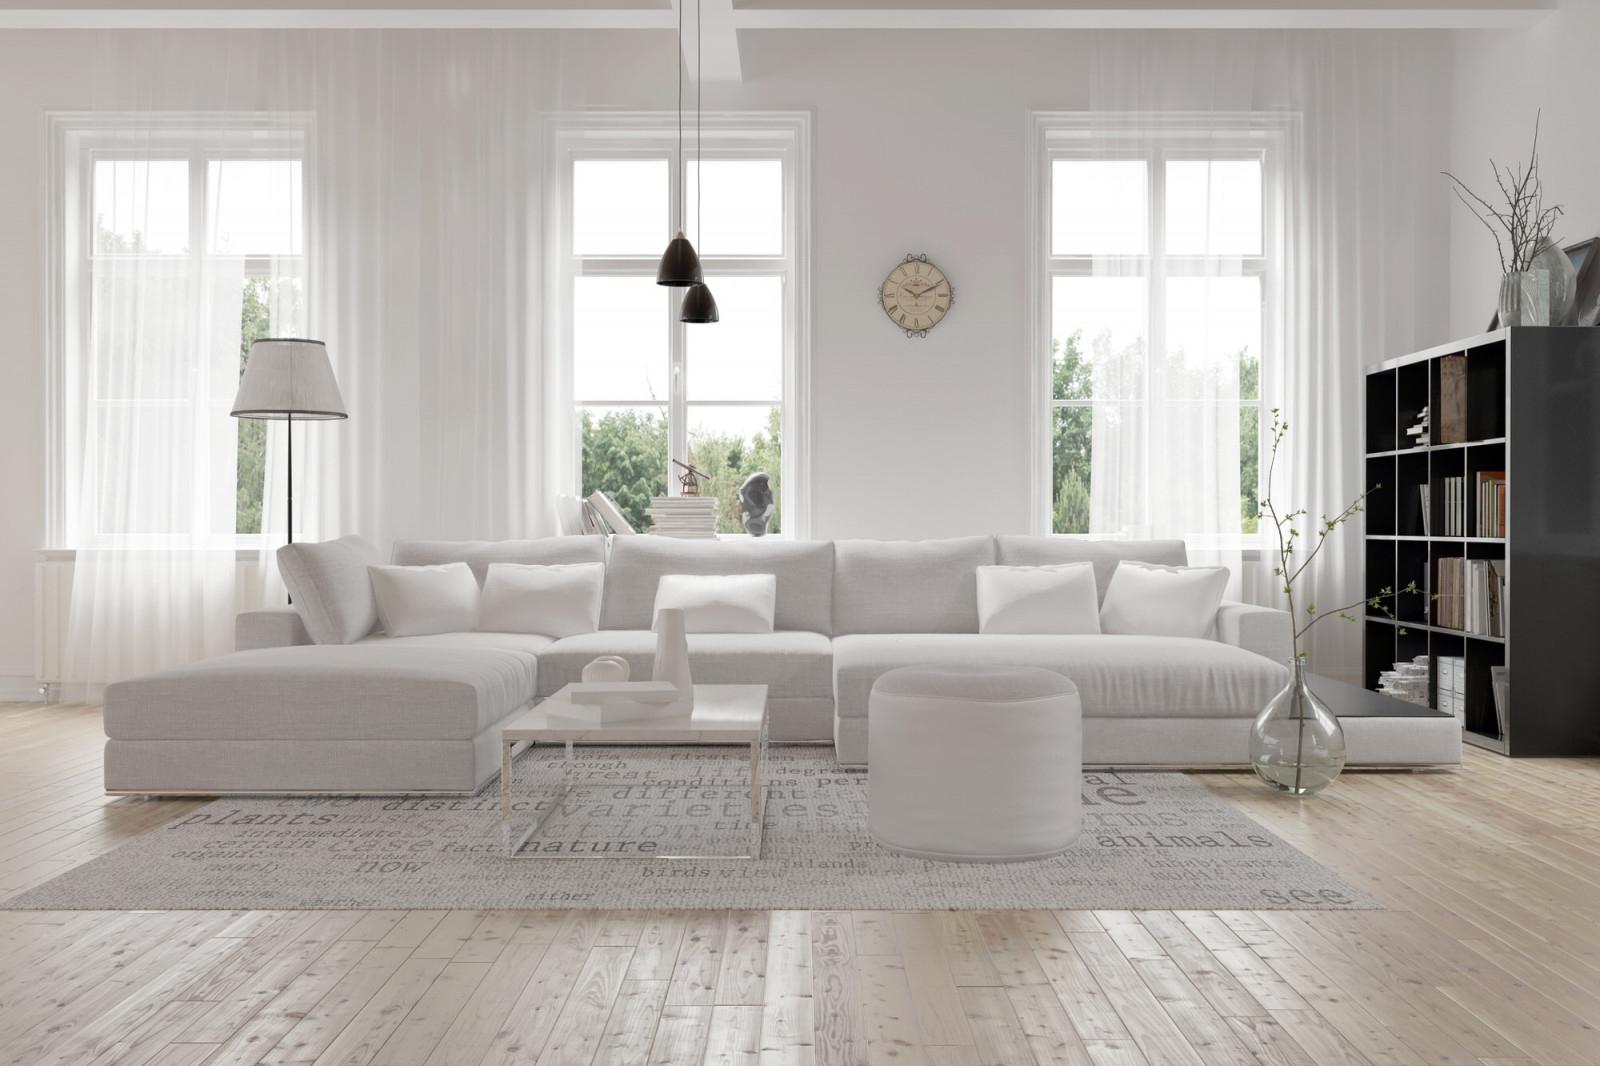 Große Räume Einrichten Und Gestalten – So Geht's  Heimhelden von Wohnzimmer L Form Einrichten Photo